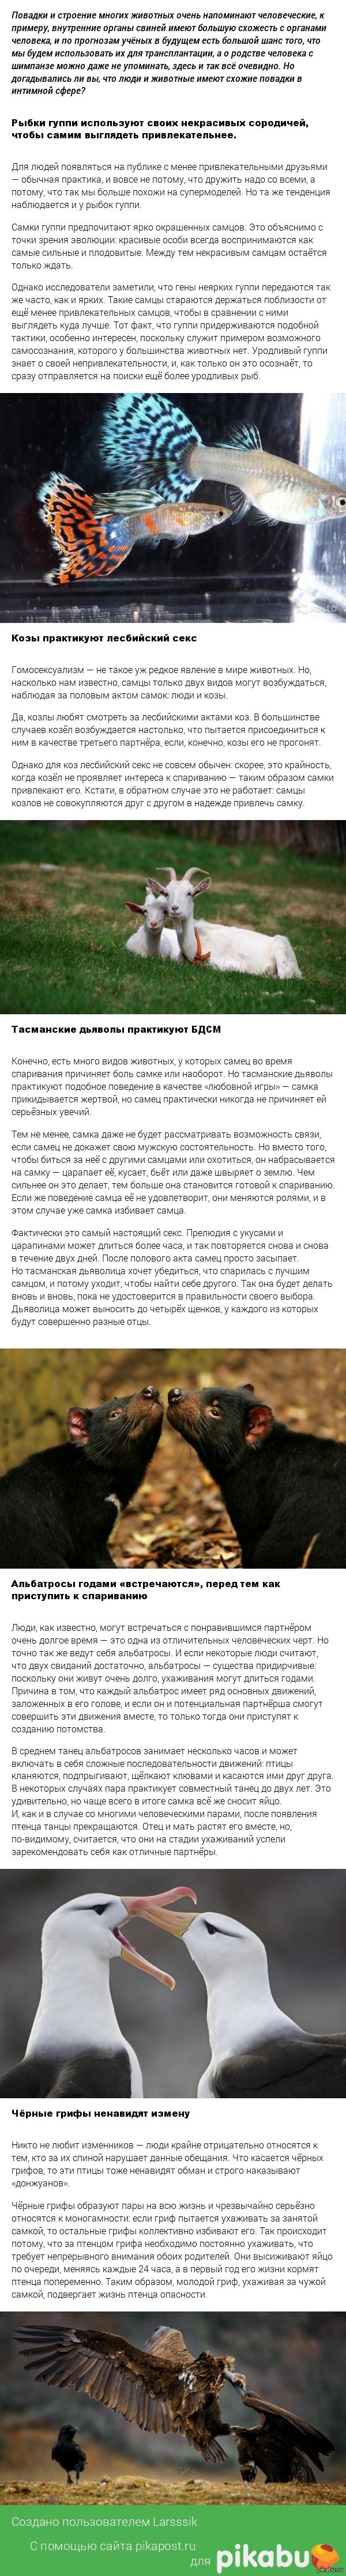 Животные, сексуальная жизнь которых напоминает человеческую. :) Клубничку не надо, думаю?